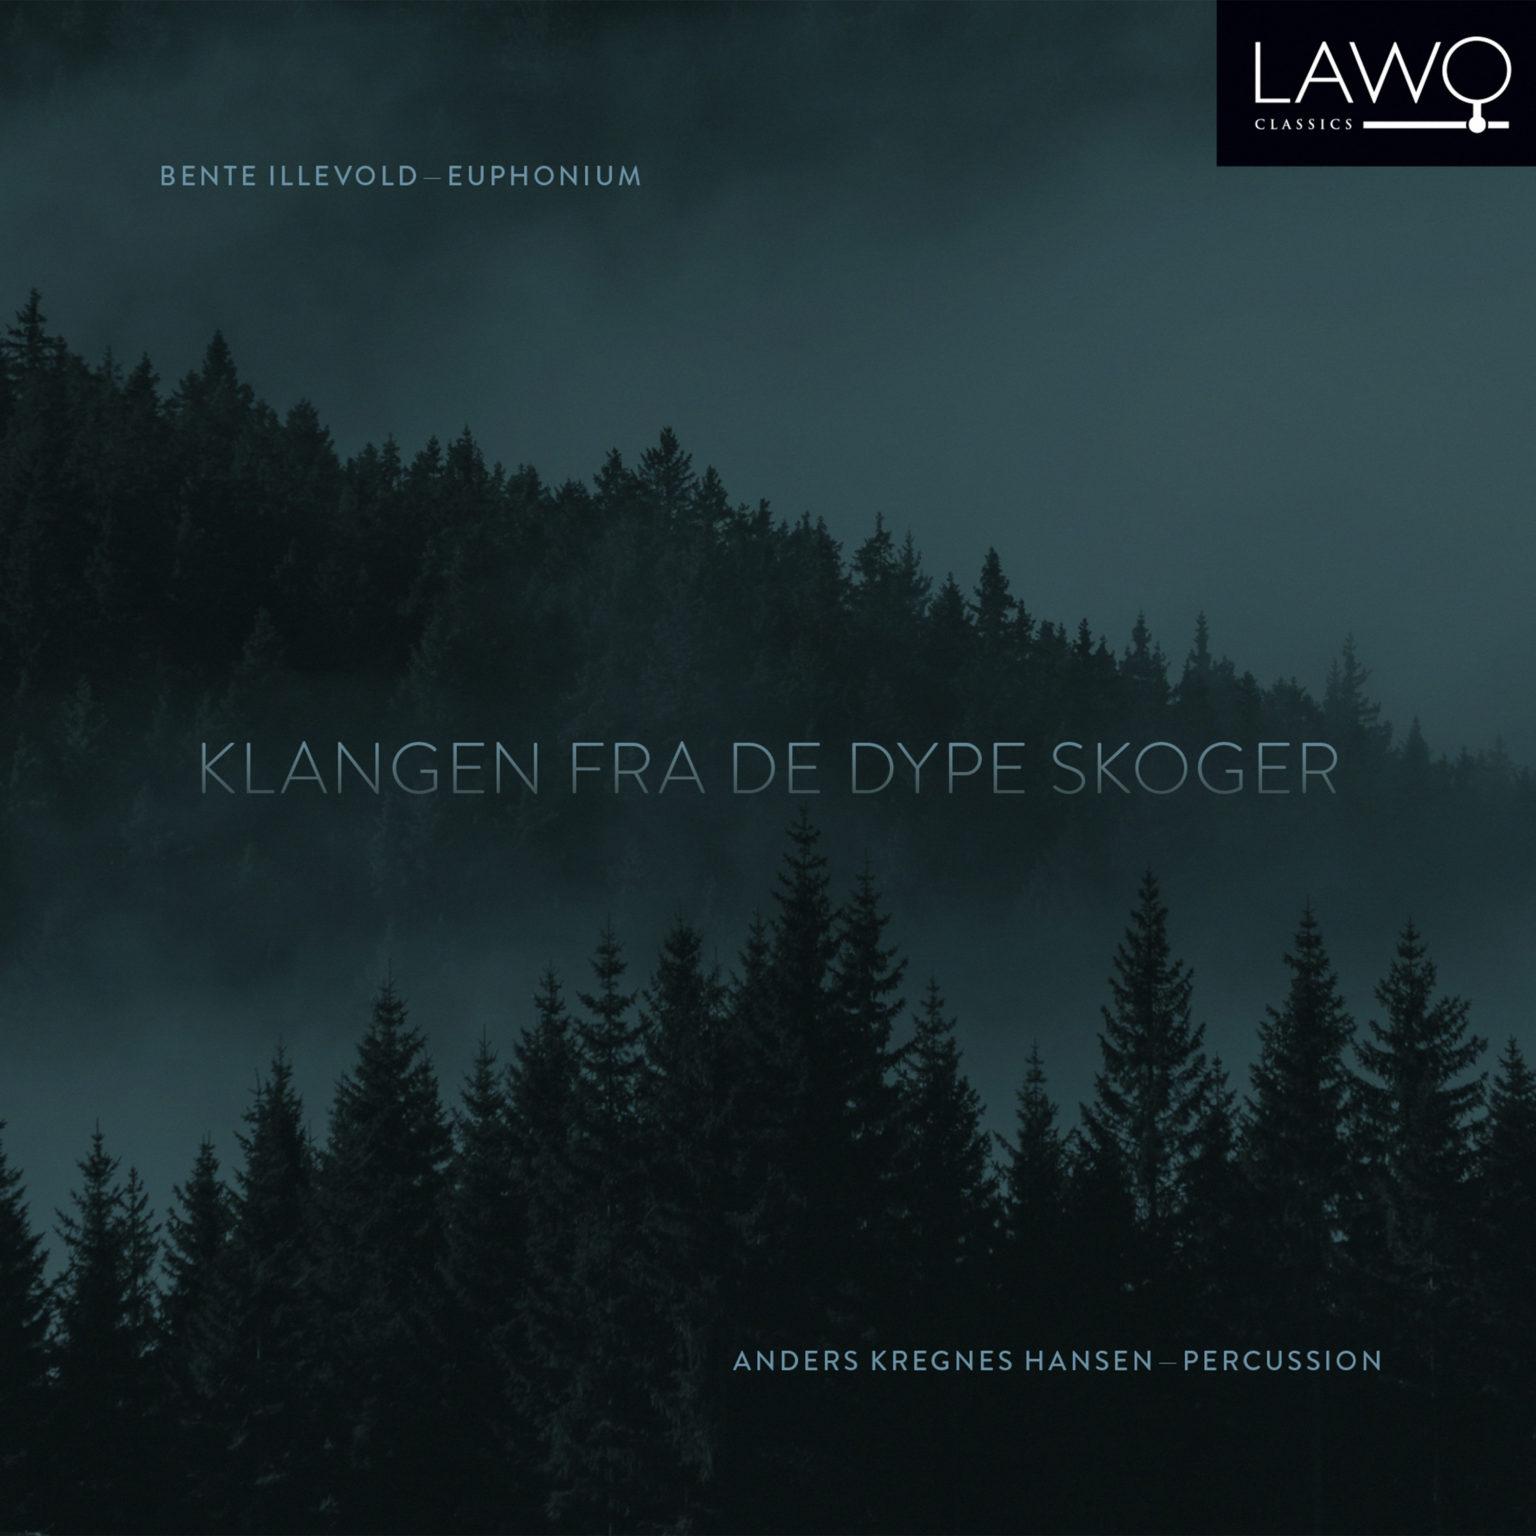 Click image for larger version.  Name:LWC1195_Bente_Illevold_Klangen_fra_de_dype_skoger_cover_3000x3000px-1536x1536.jpg Views:310 Size:174.8 KB ID:7720